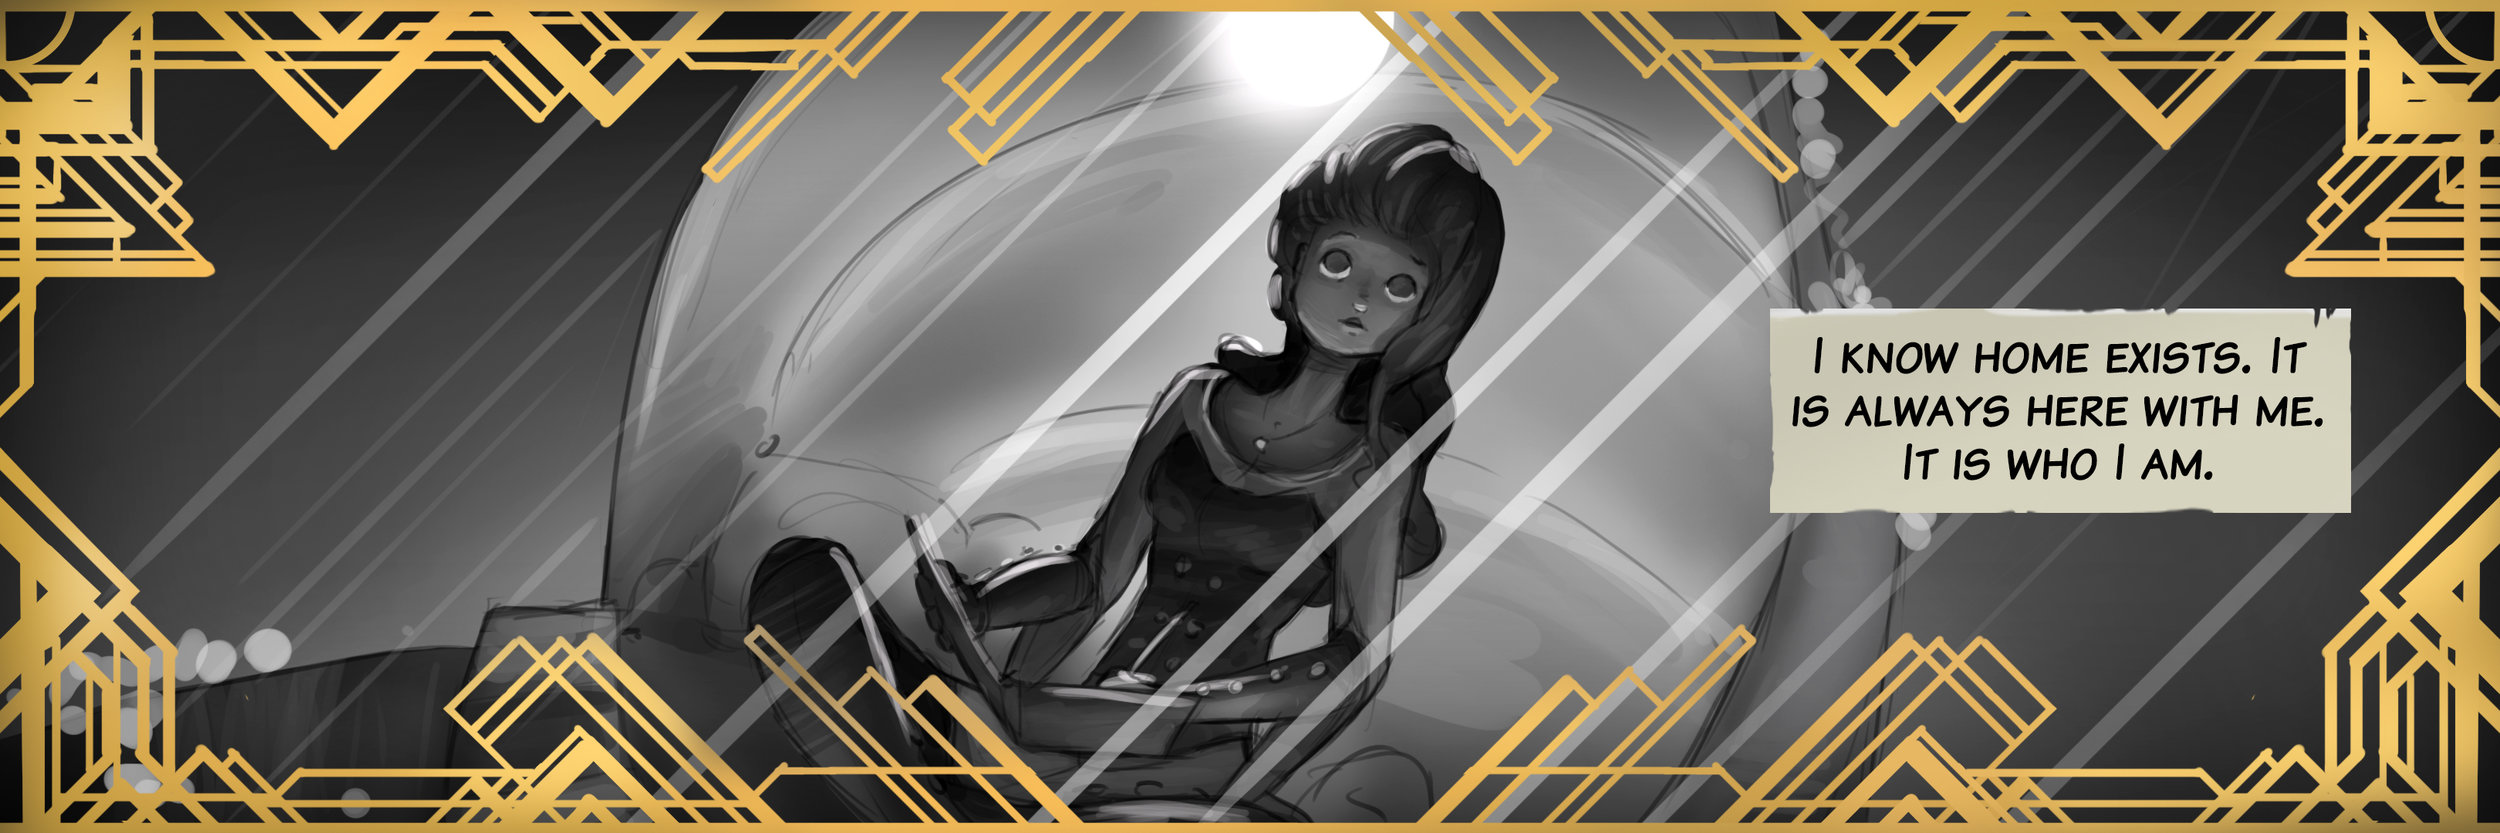 TJV Comic_Panel_13.jpg